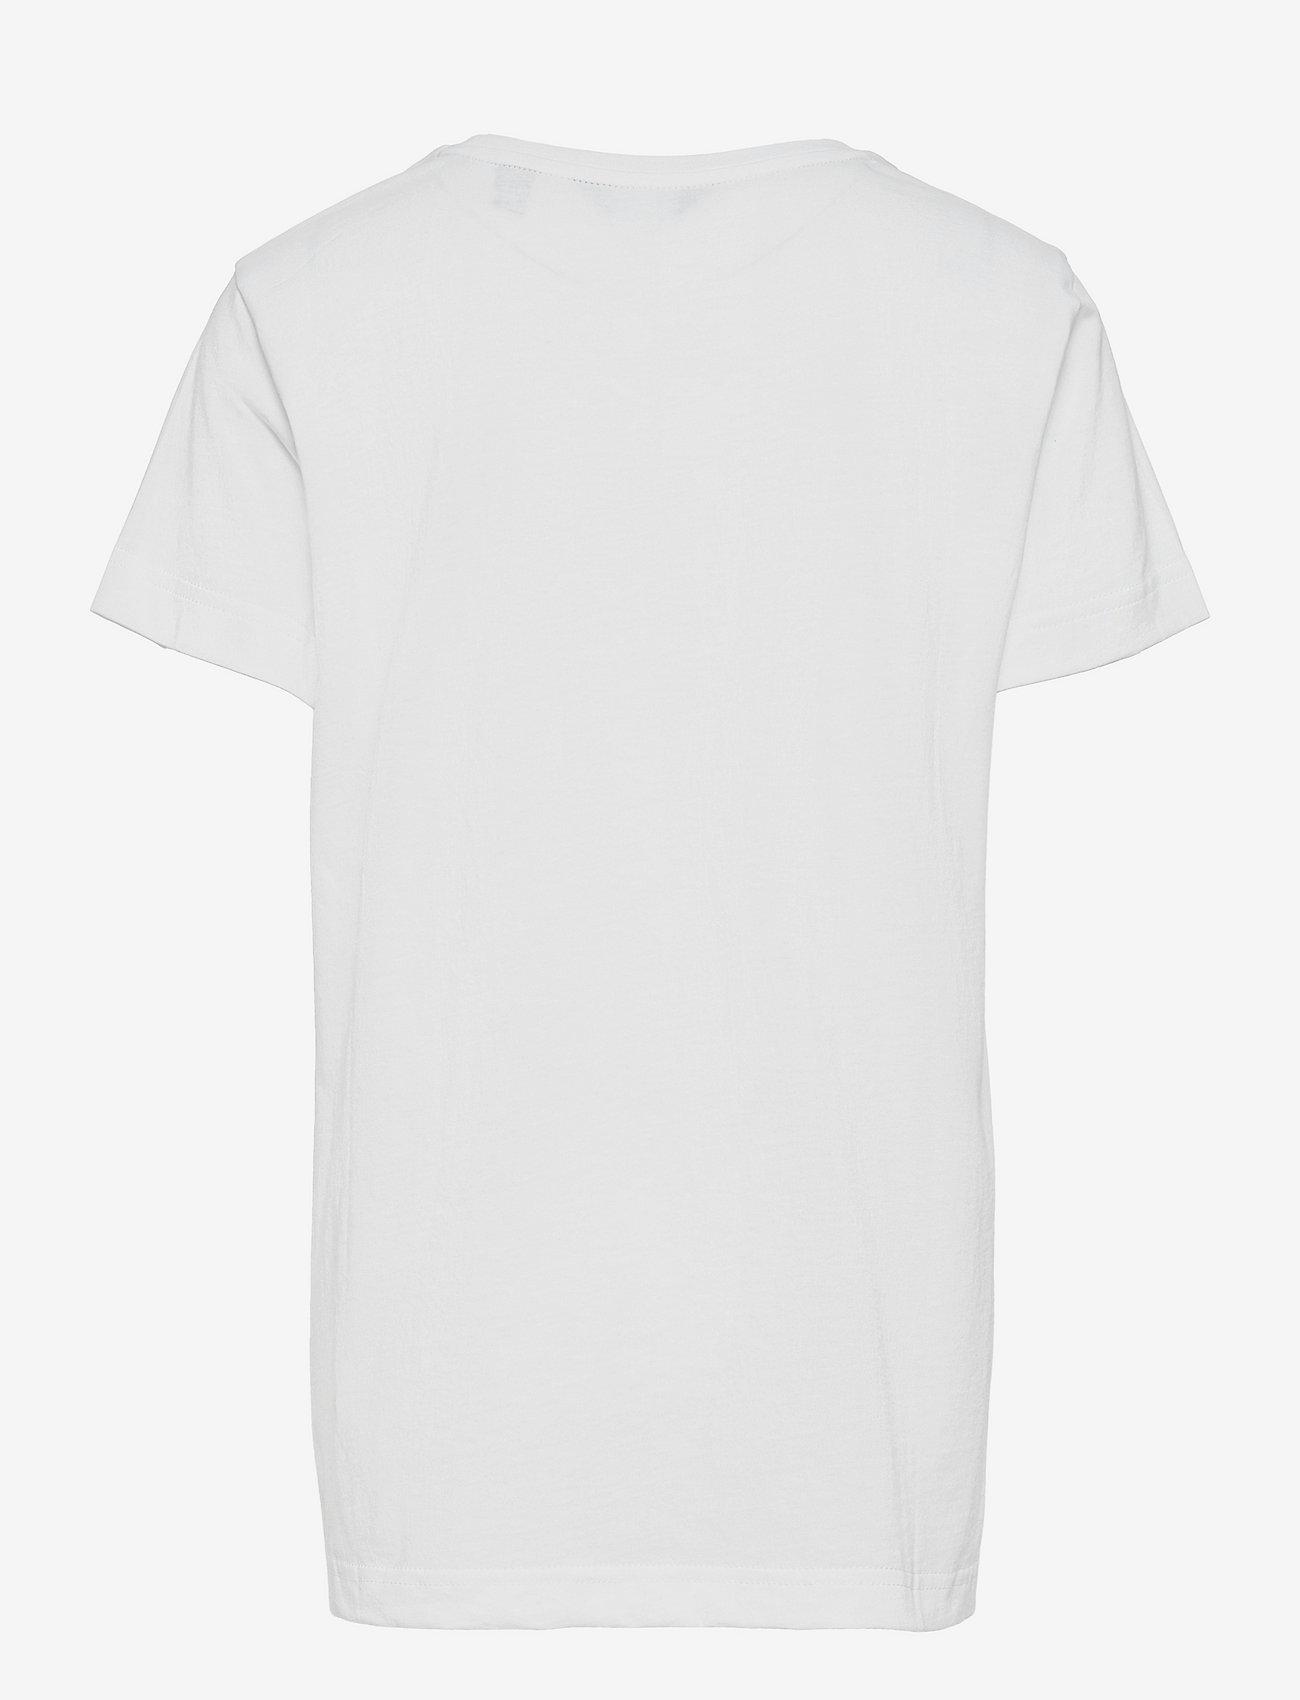 GANT - ARCHIVE SHIELD EMB SS T-SHIRT - short-sleeved - white - 1